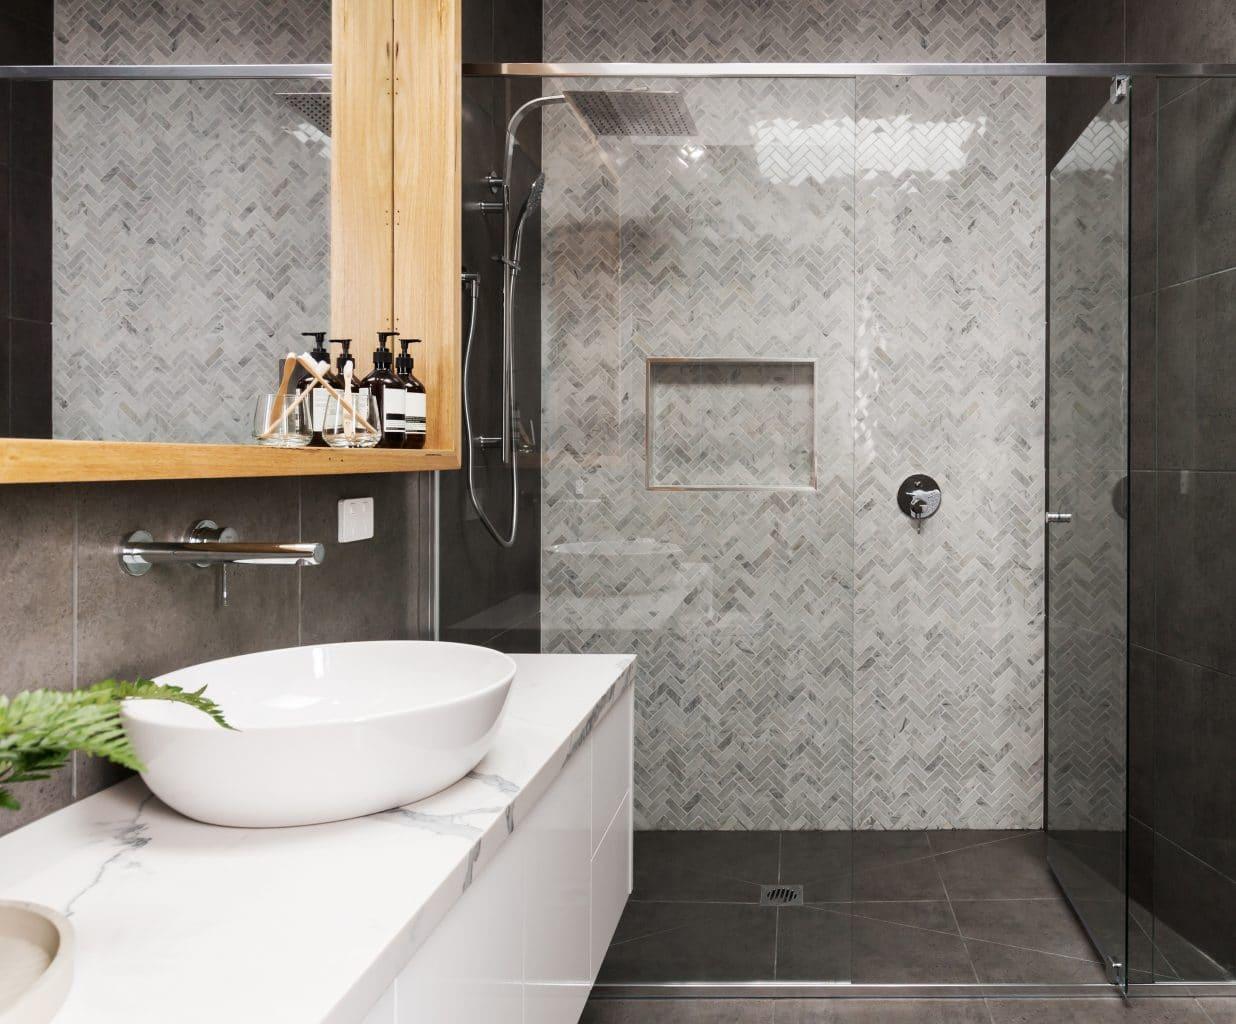 Rénovation de salle de bain par l'agence locale illiCO travaux Saint Germain en Laye - Poissy